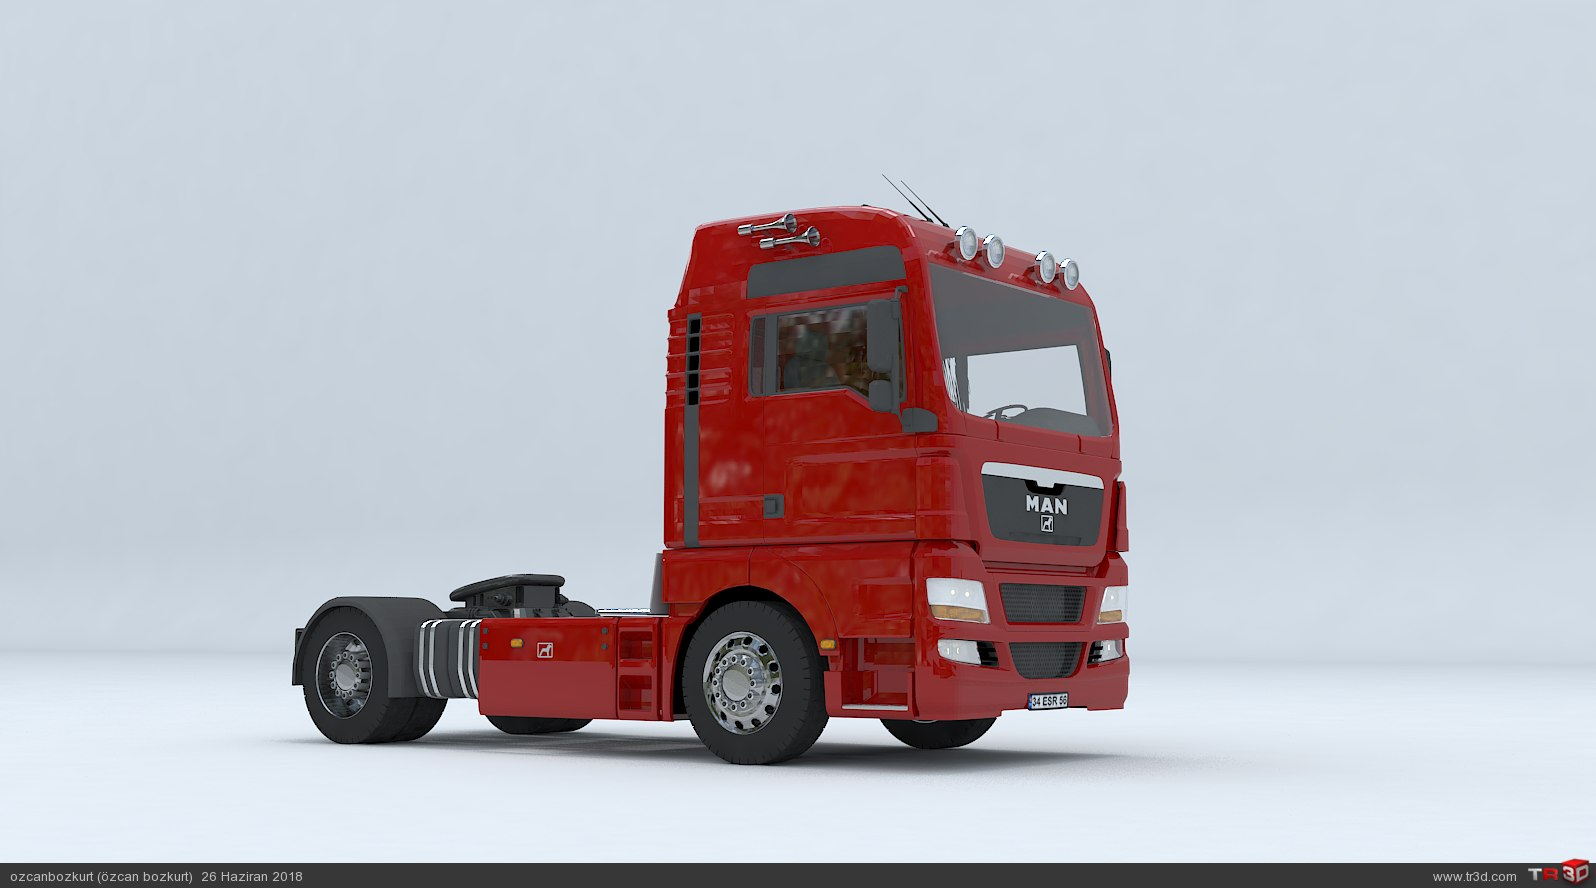 MAN TGX D38 TRUCK - Tractor 2